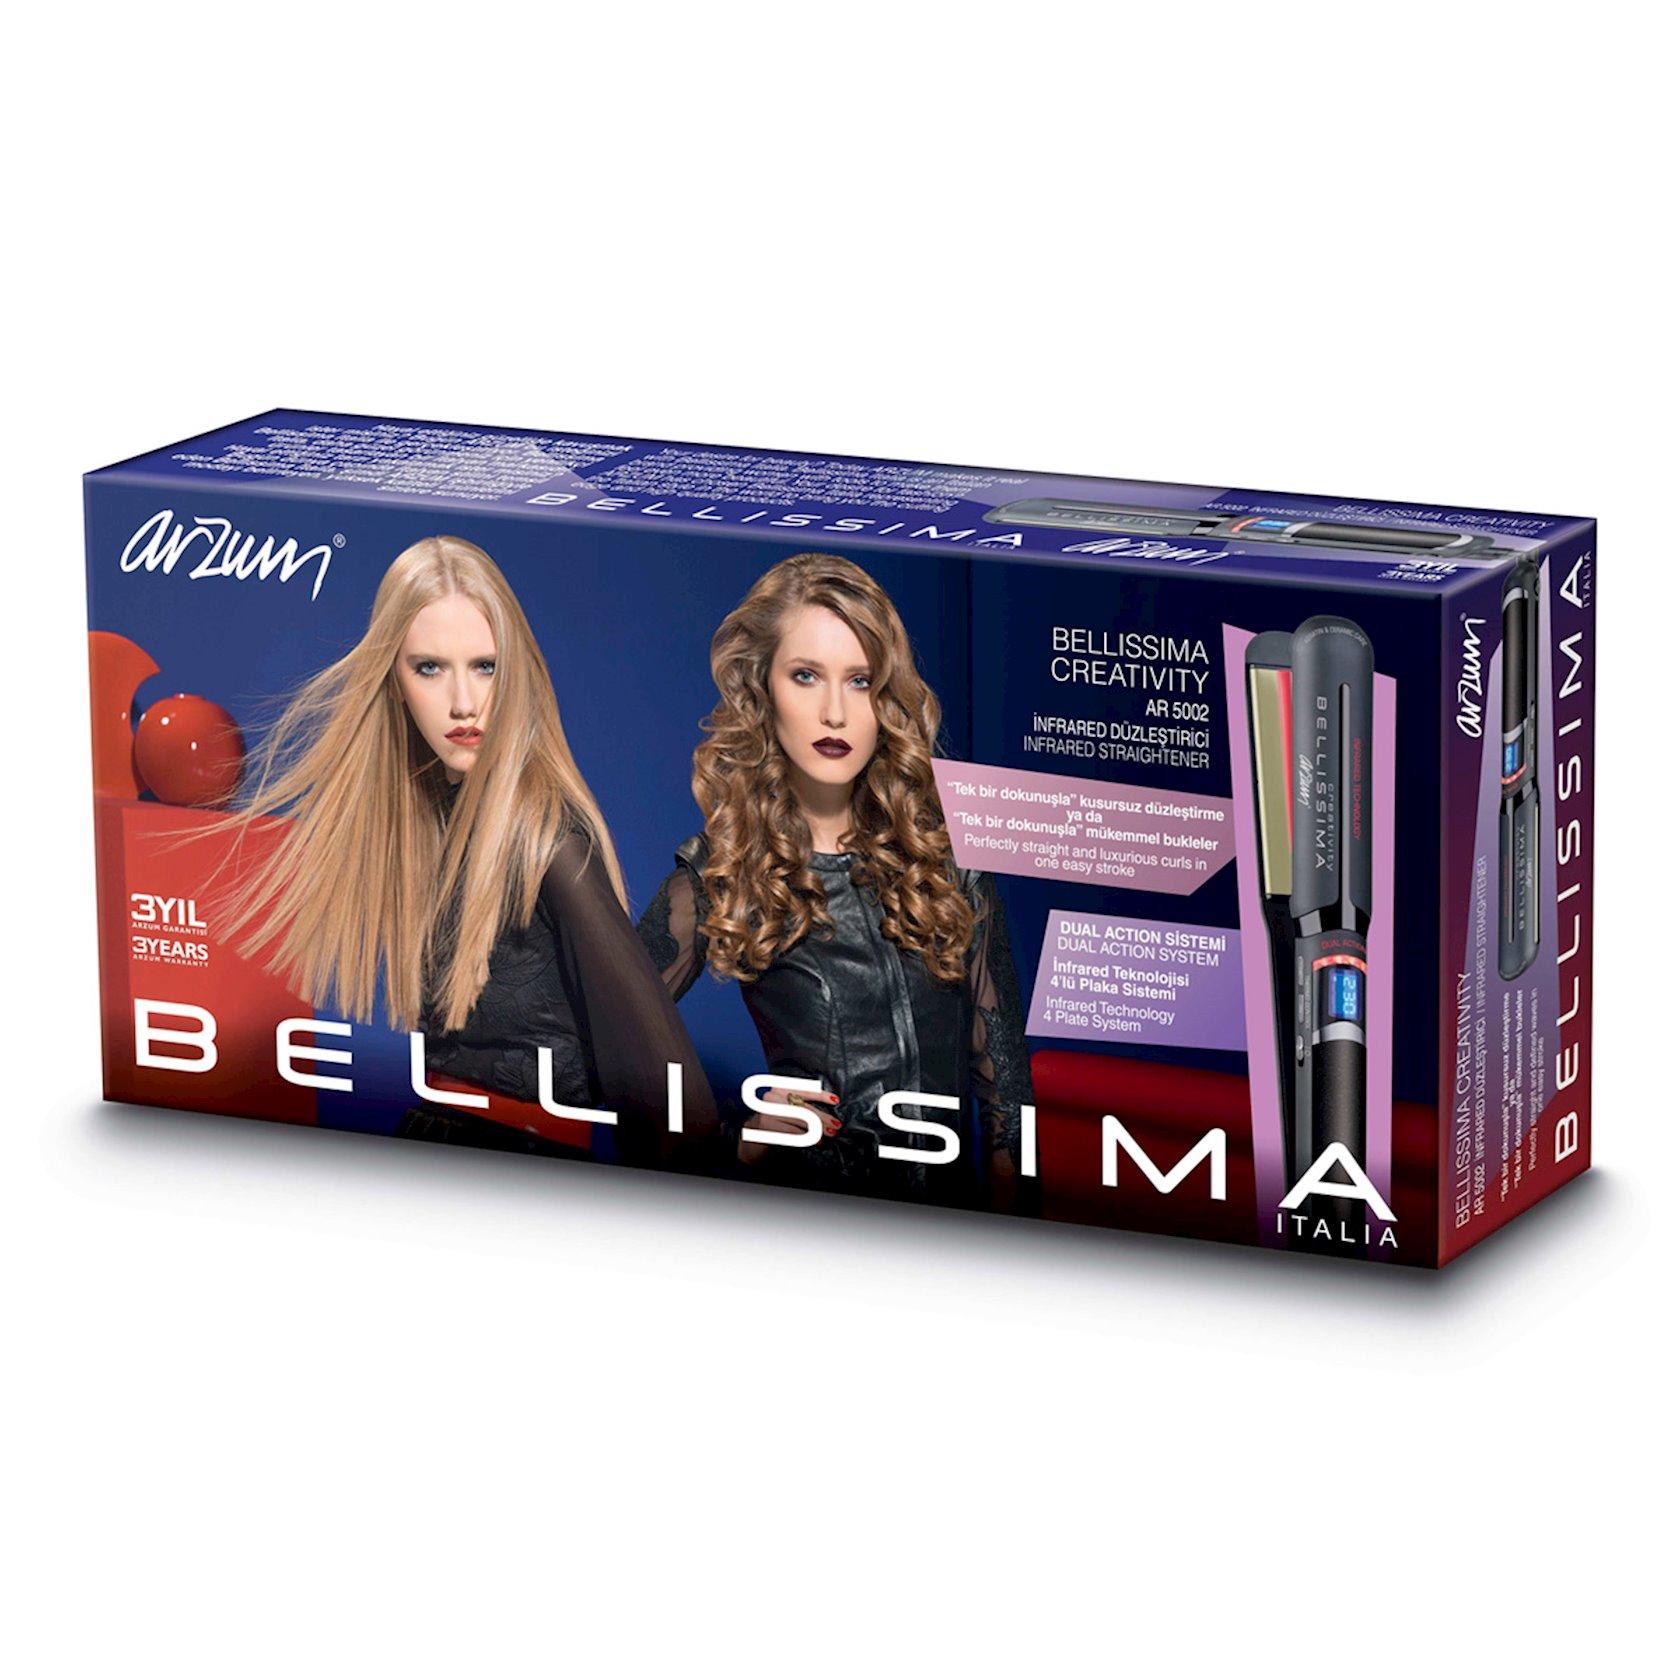 Saç düzləndiricisi Arzum AR5002 Bellissima Creativity Infrared, qara